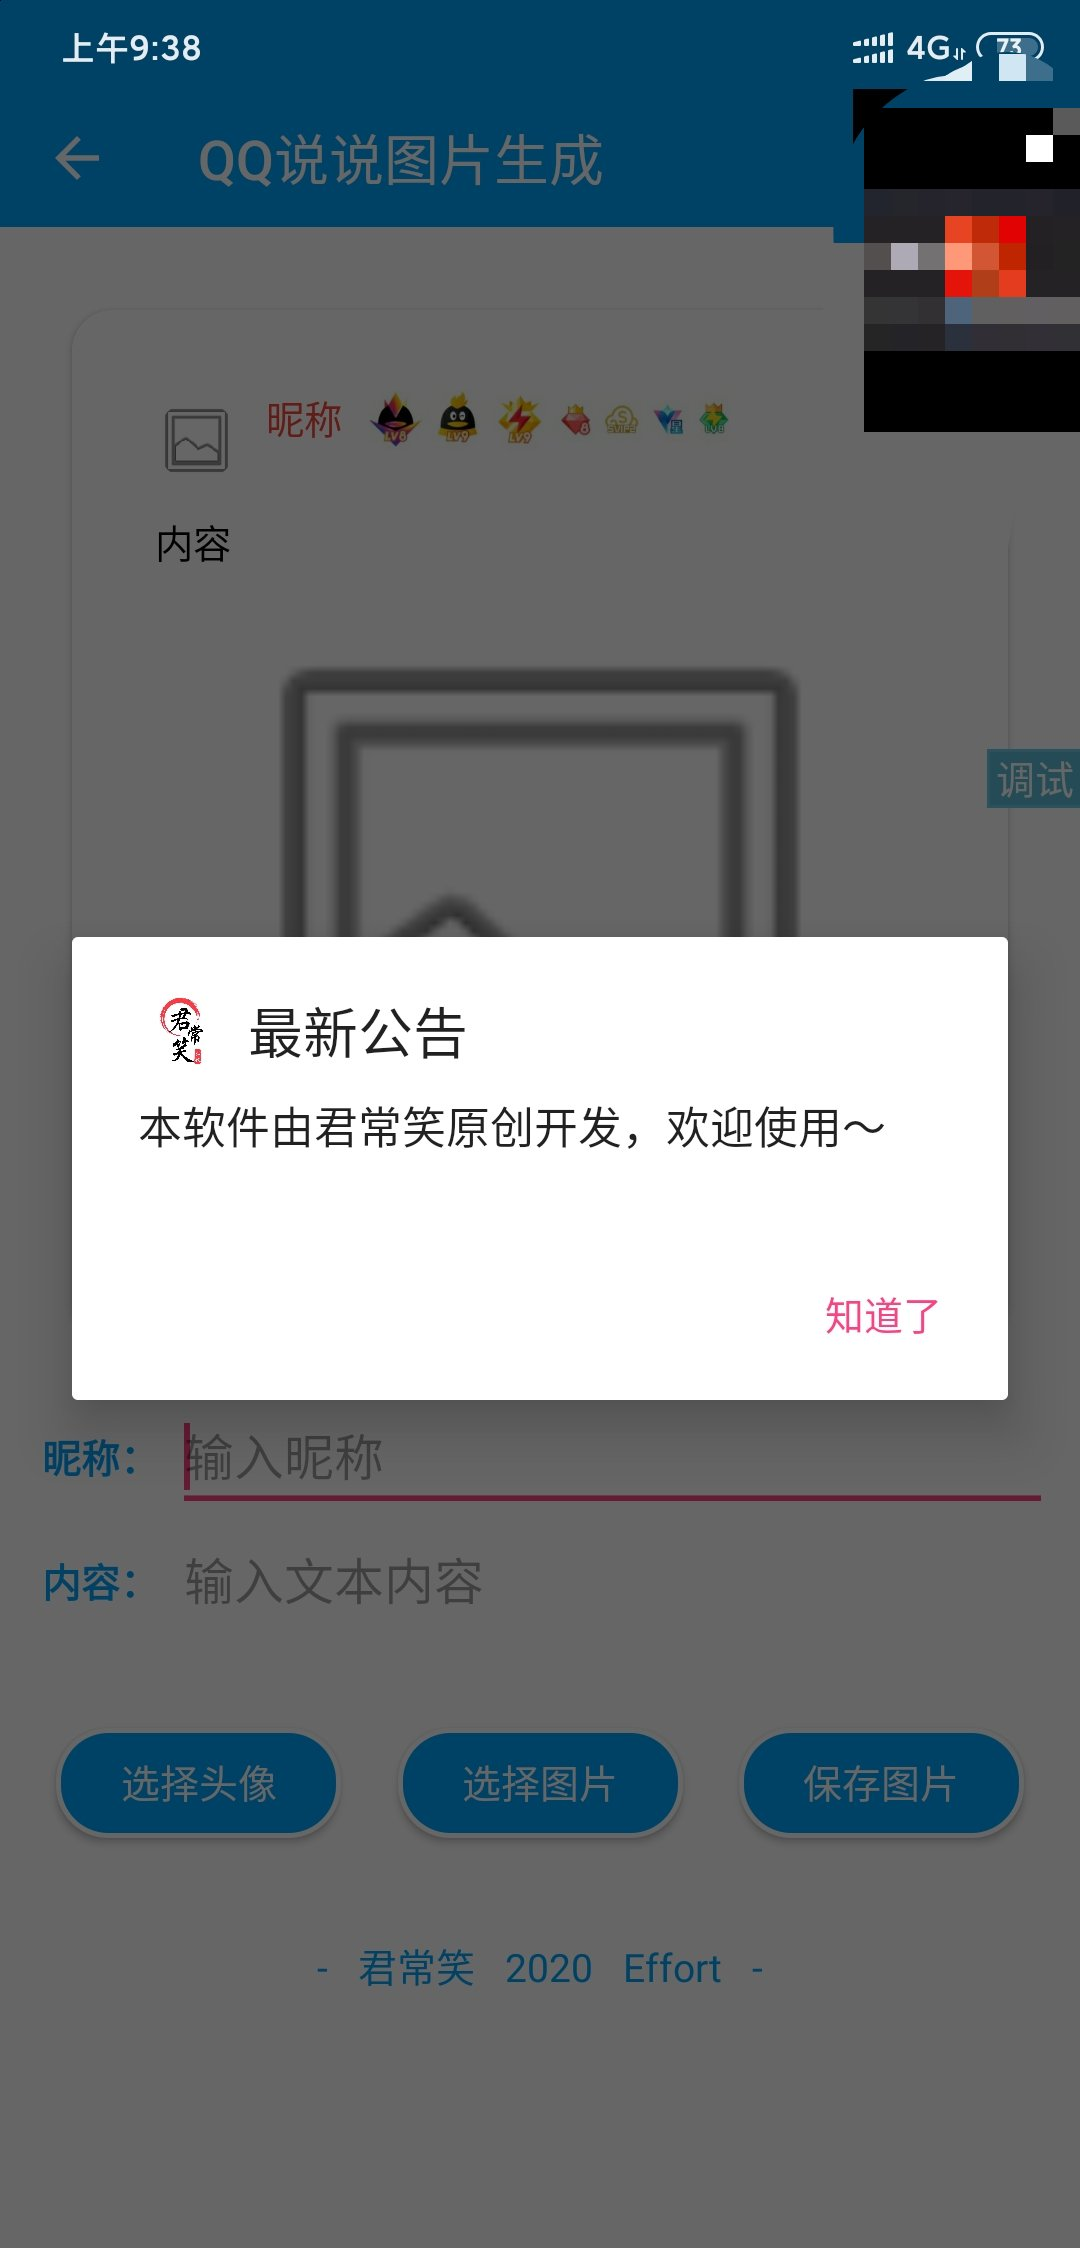 「原创开发」QQ说说图片1.0 一键生成简洁优美的QQ说说图片